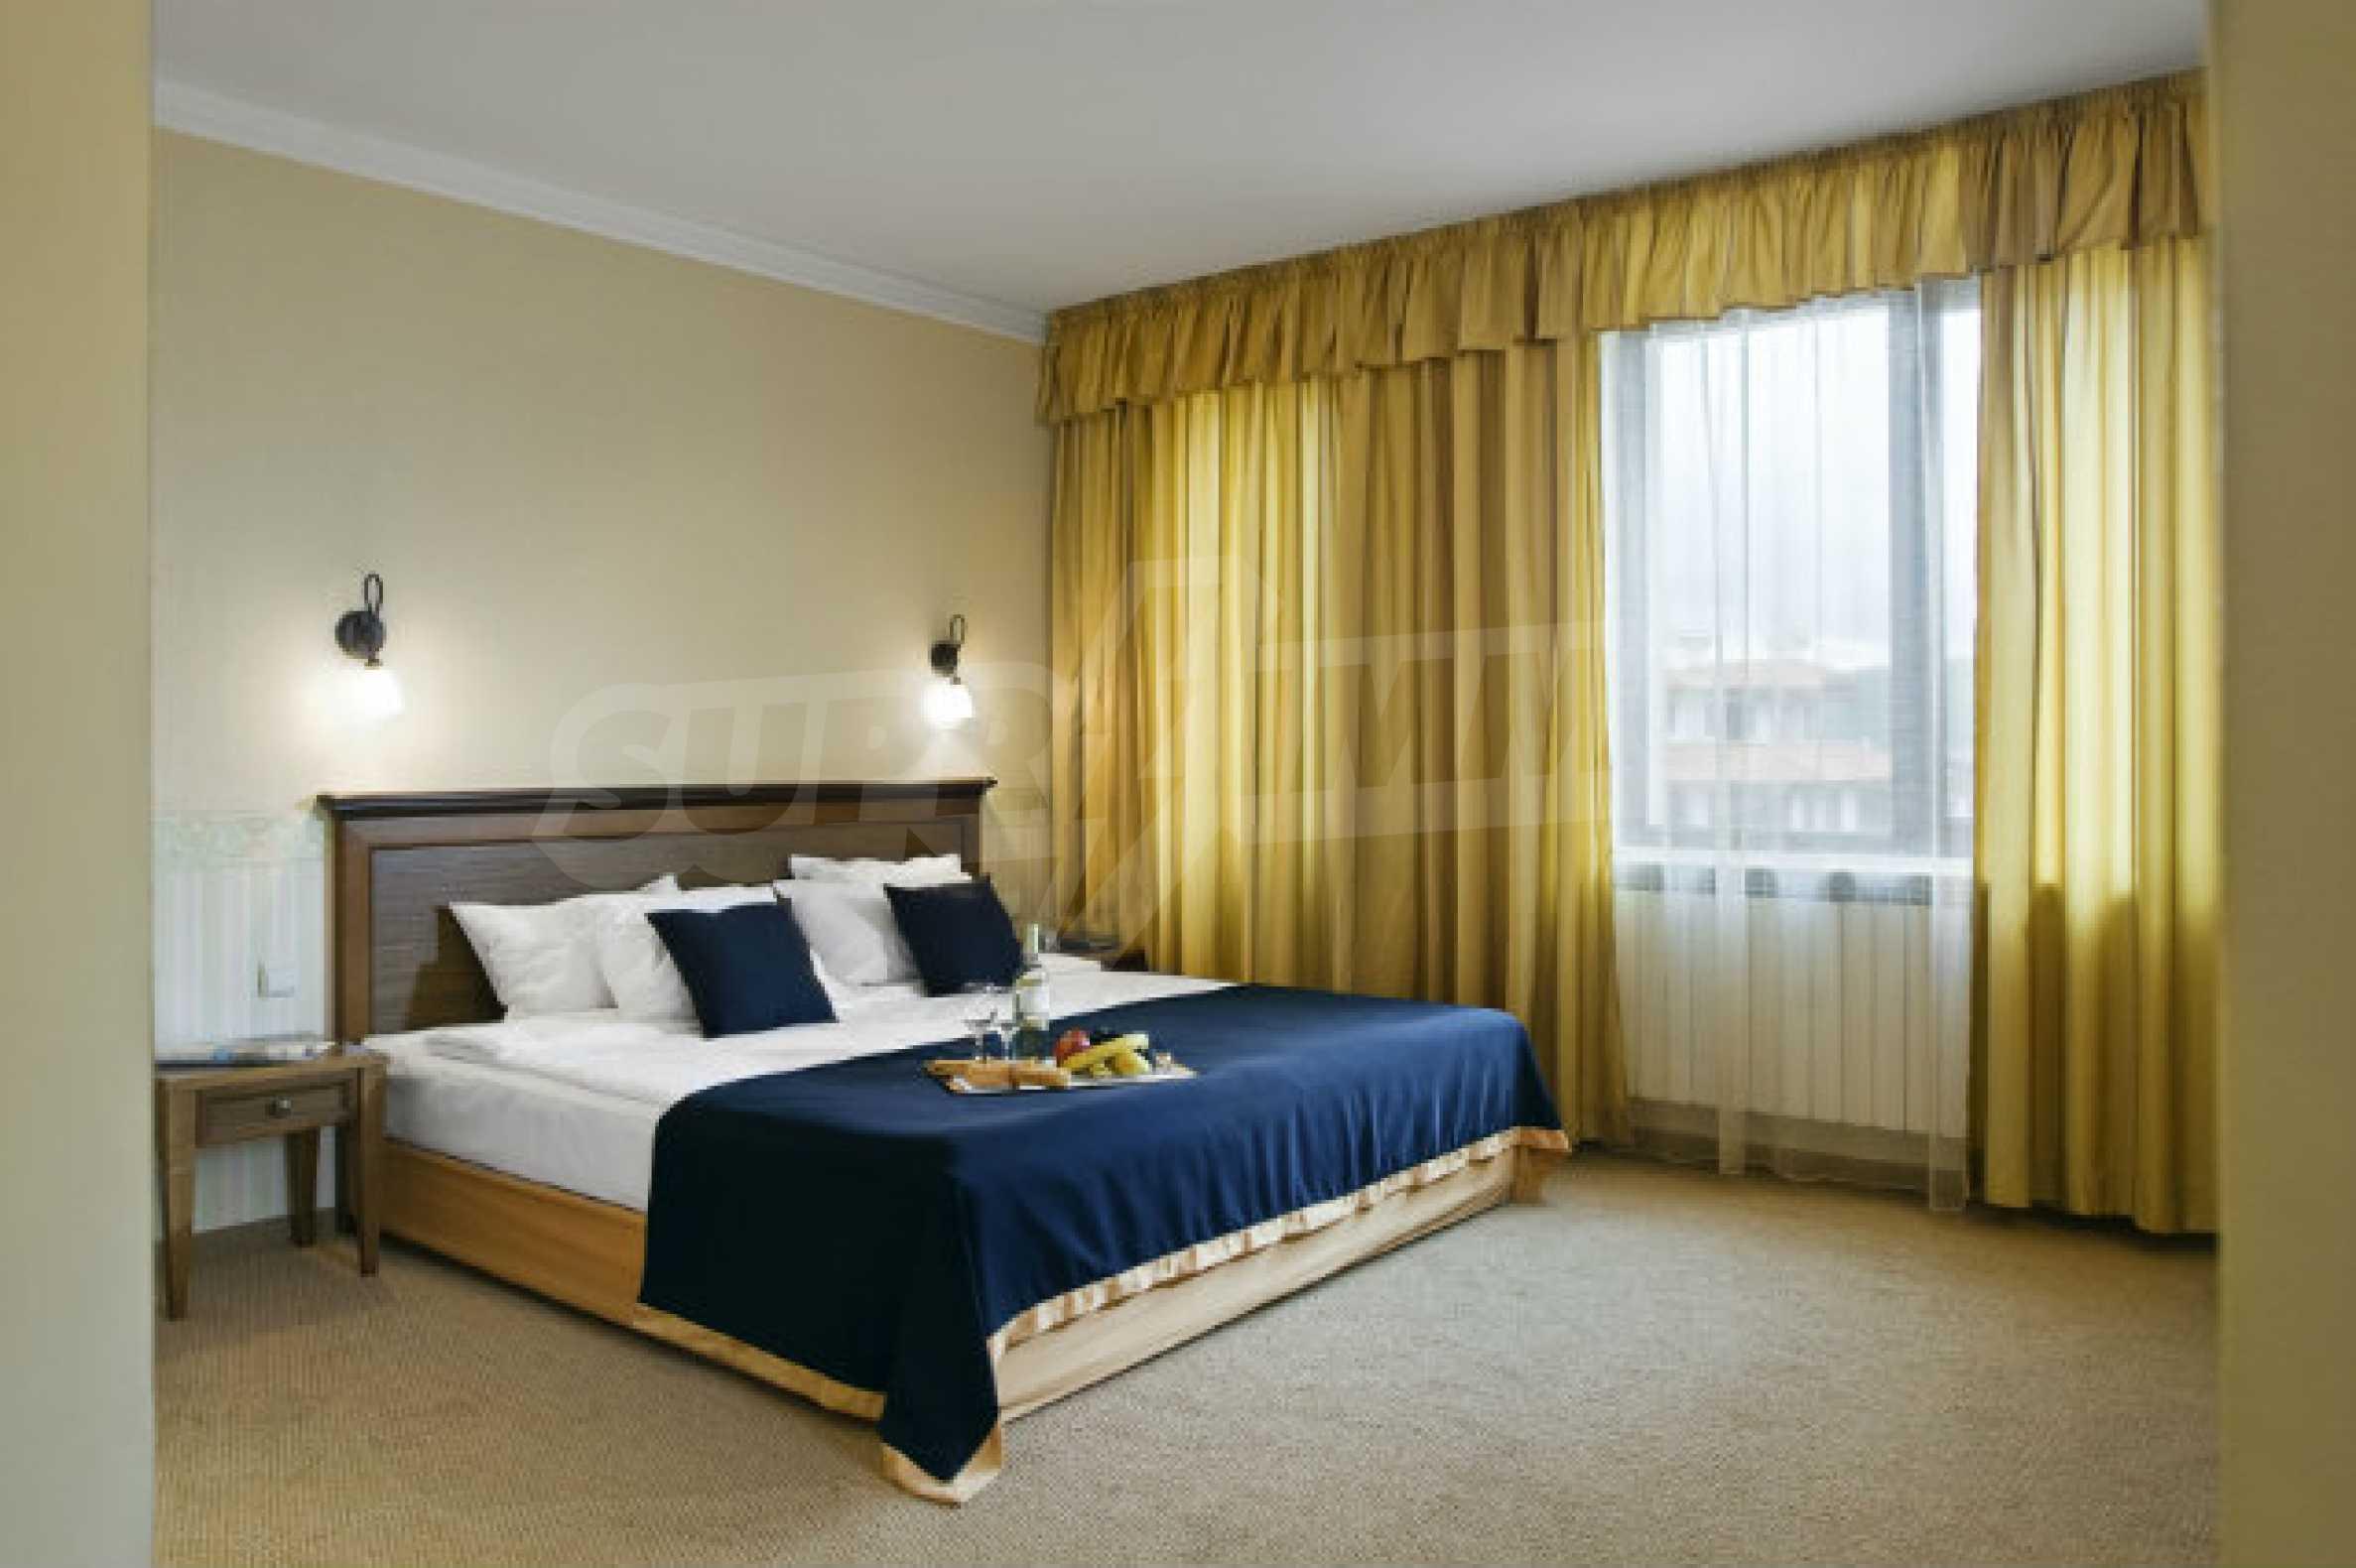 Hotel for sale in the ski resort of Bansko 4